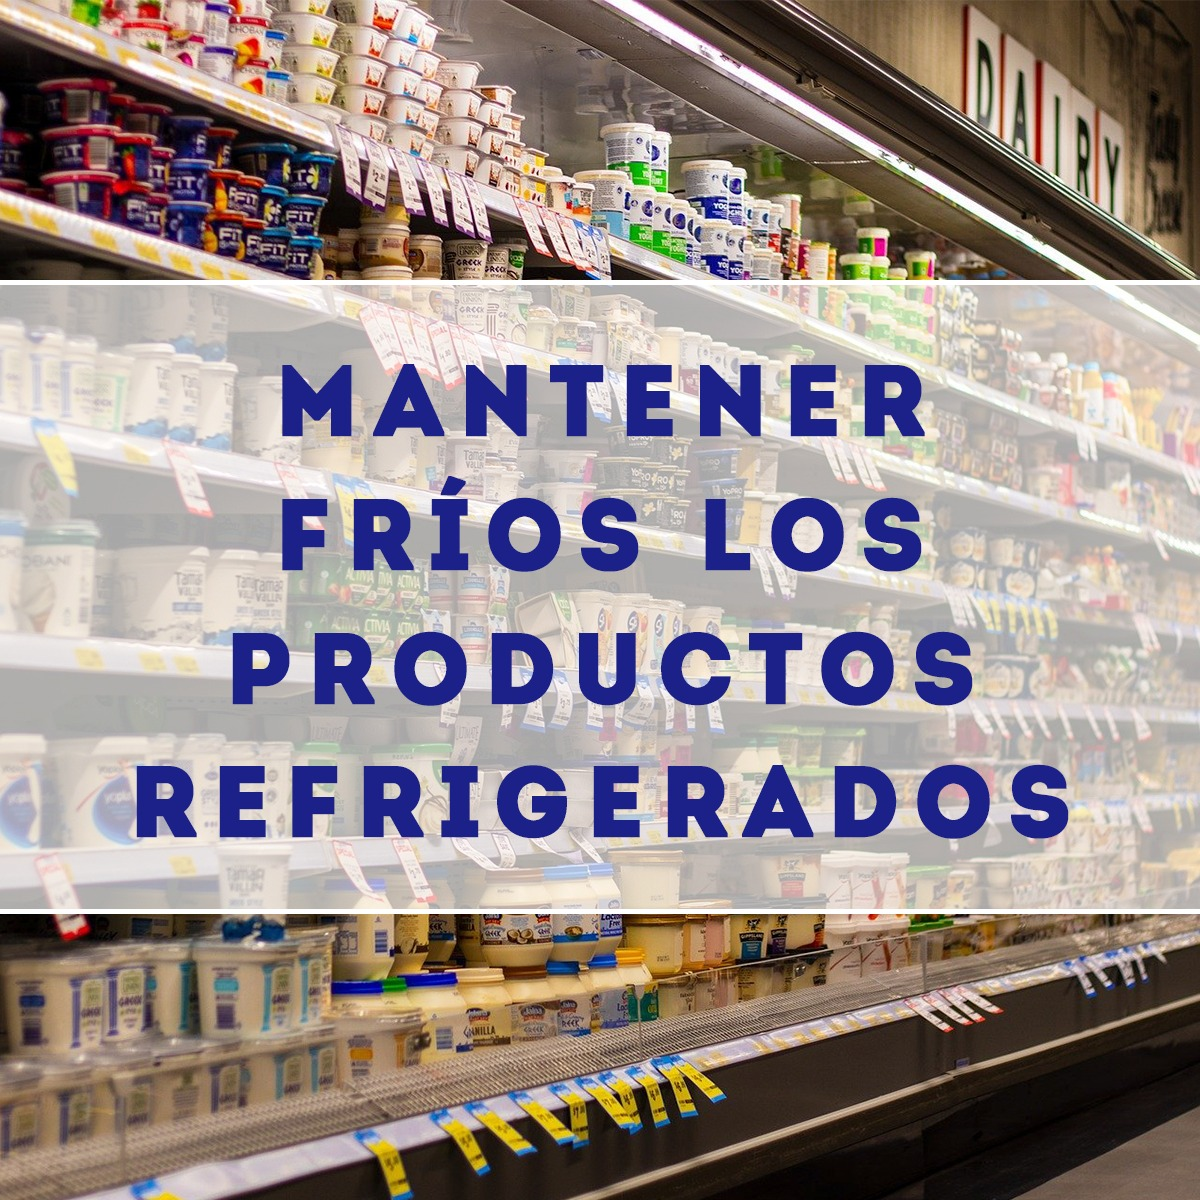 Mantener fríos los productos refrigerados